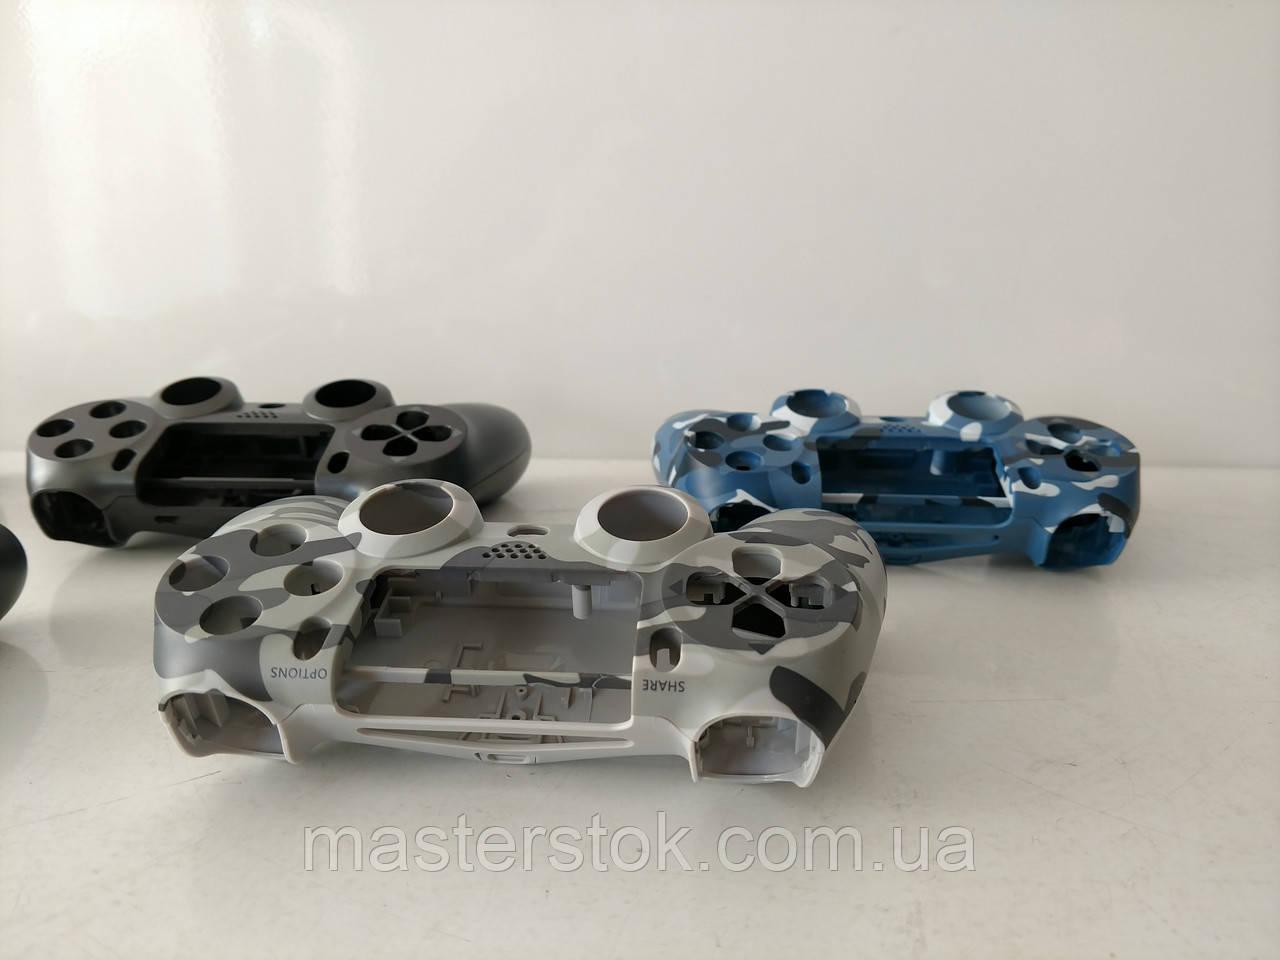 Новые корпуса для джойстиков Playstation 4 ( Pro/Slim JDM 040, JDS-040 2